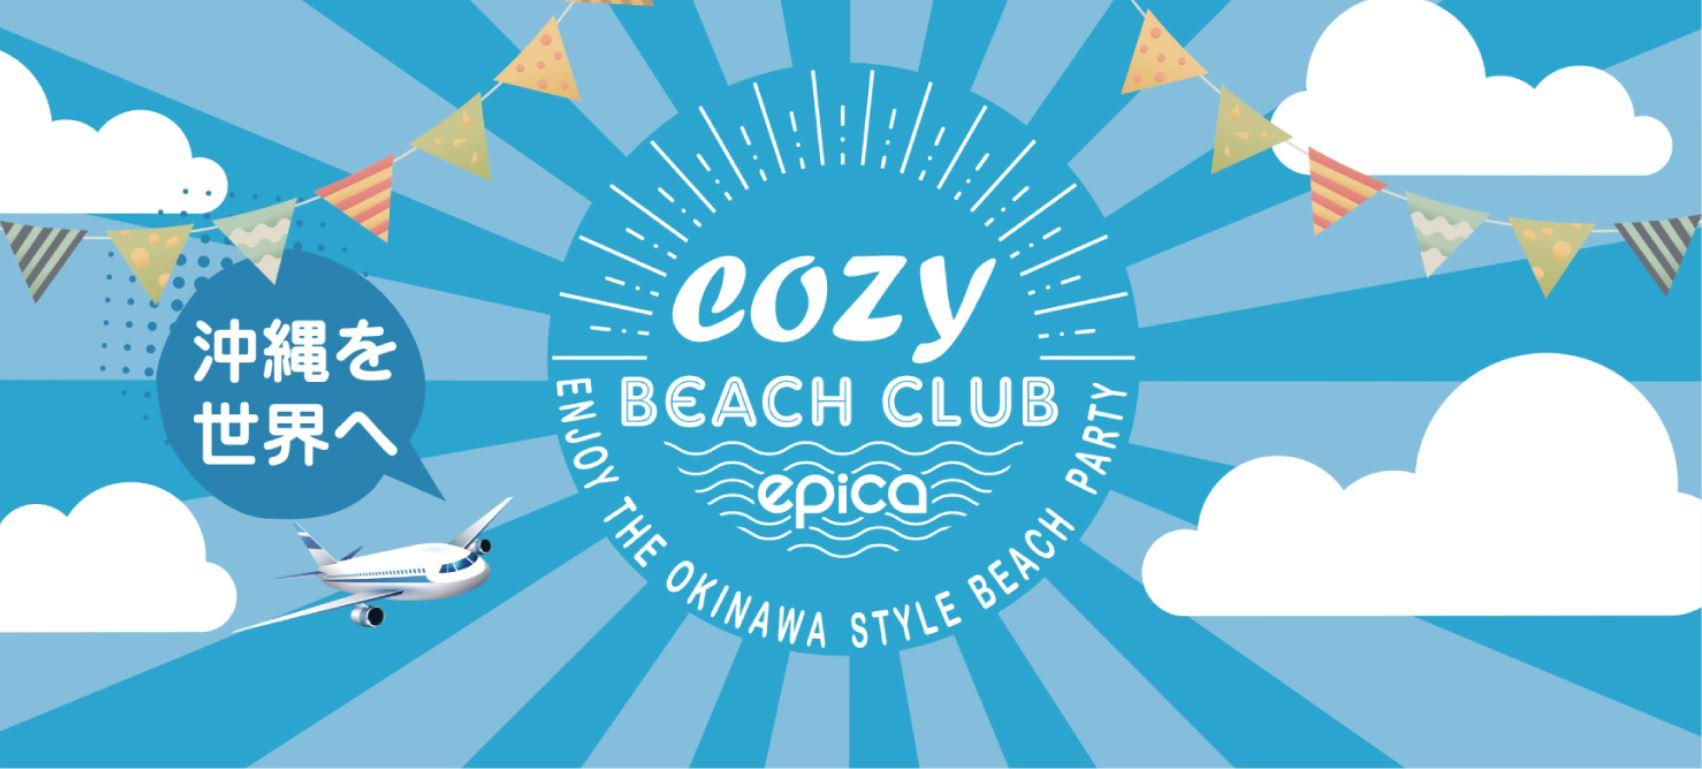 Cozy Beach Club   コージービーチクラブ沖縄